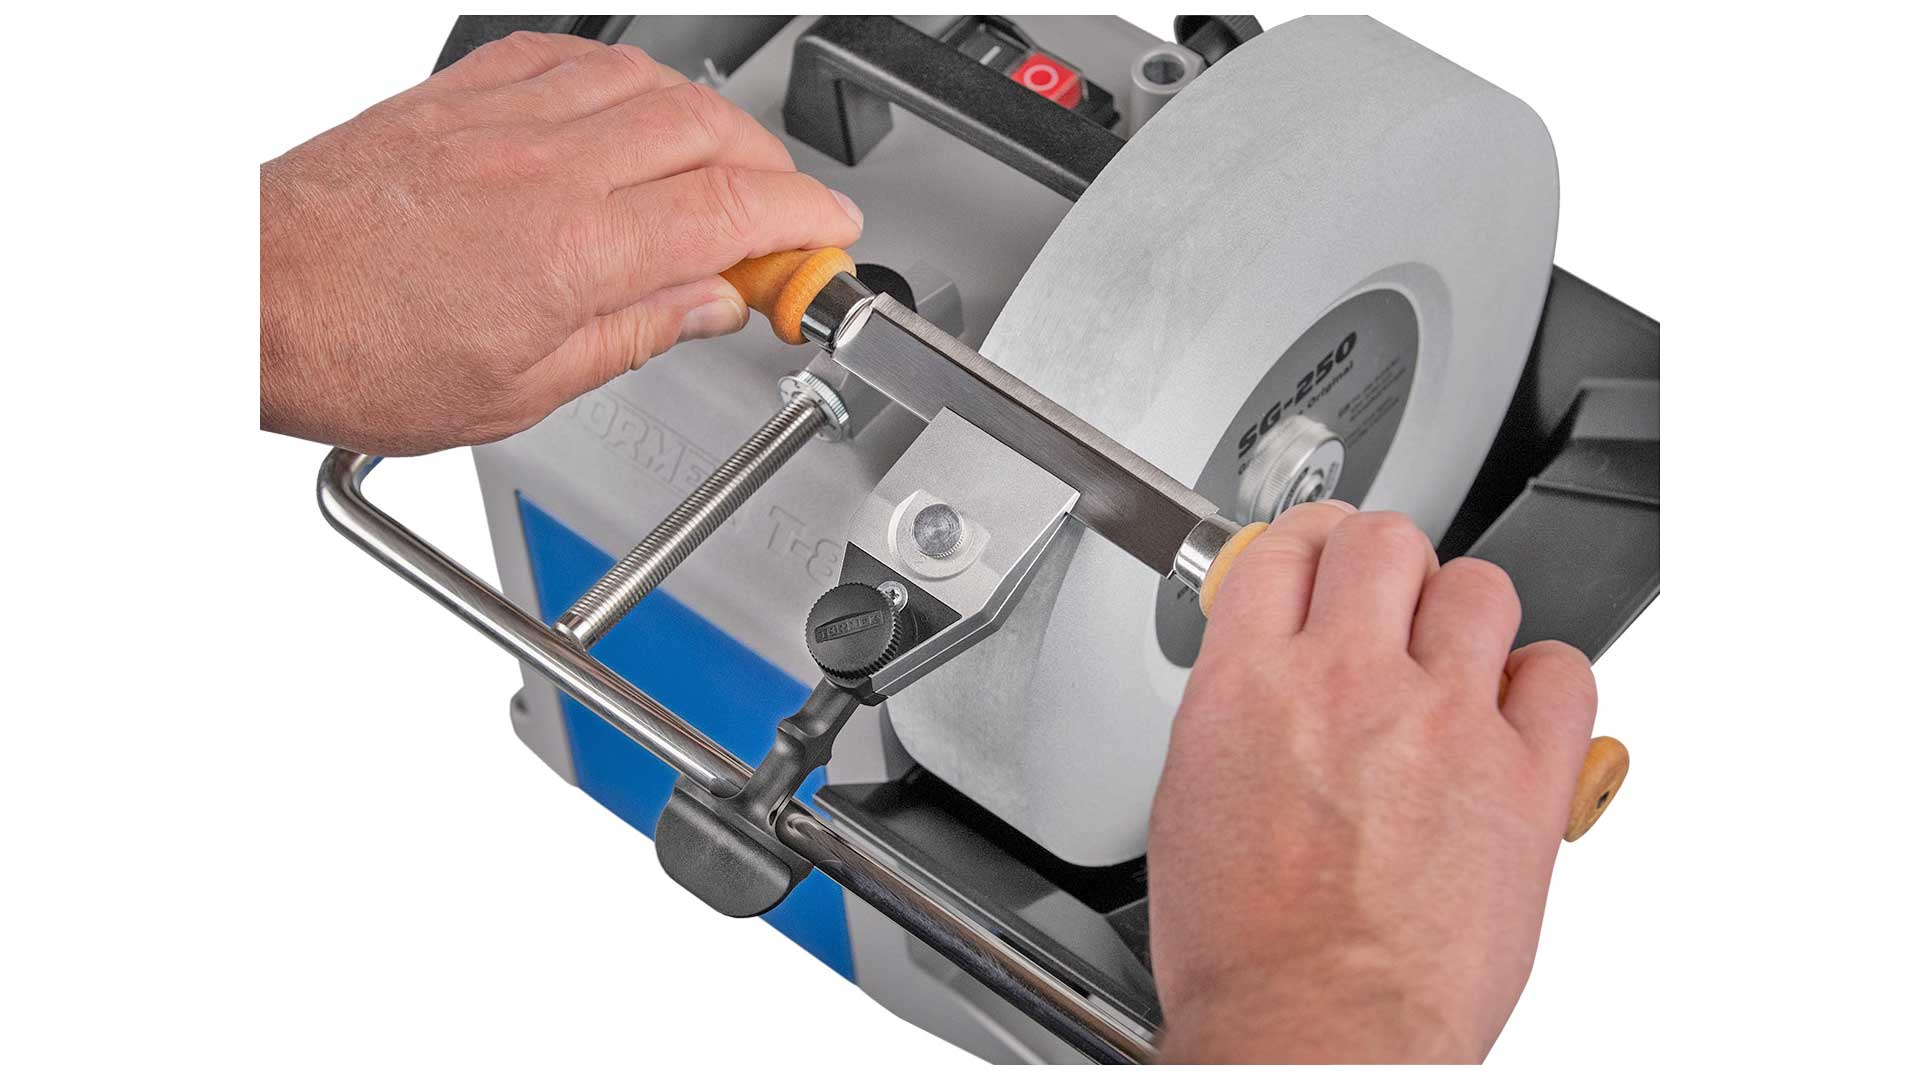 Tormek grinders, Japanese water stone wheels for Tormek grinders